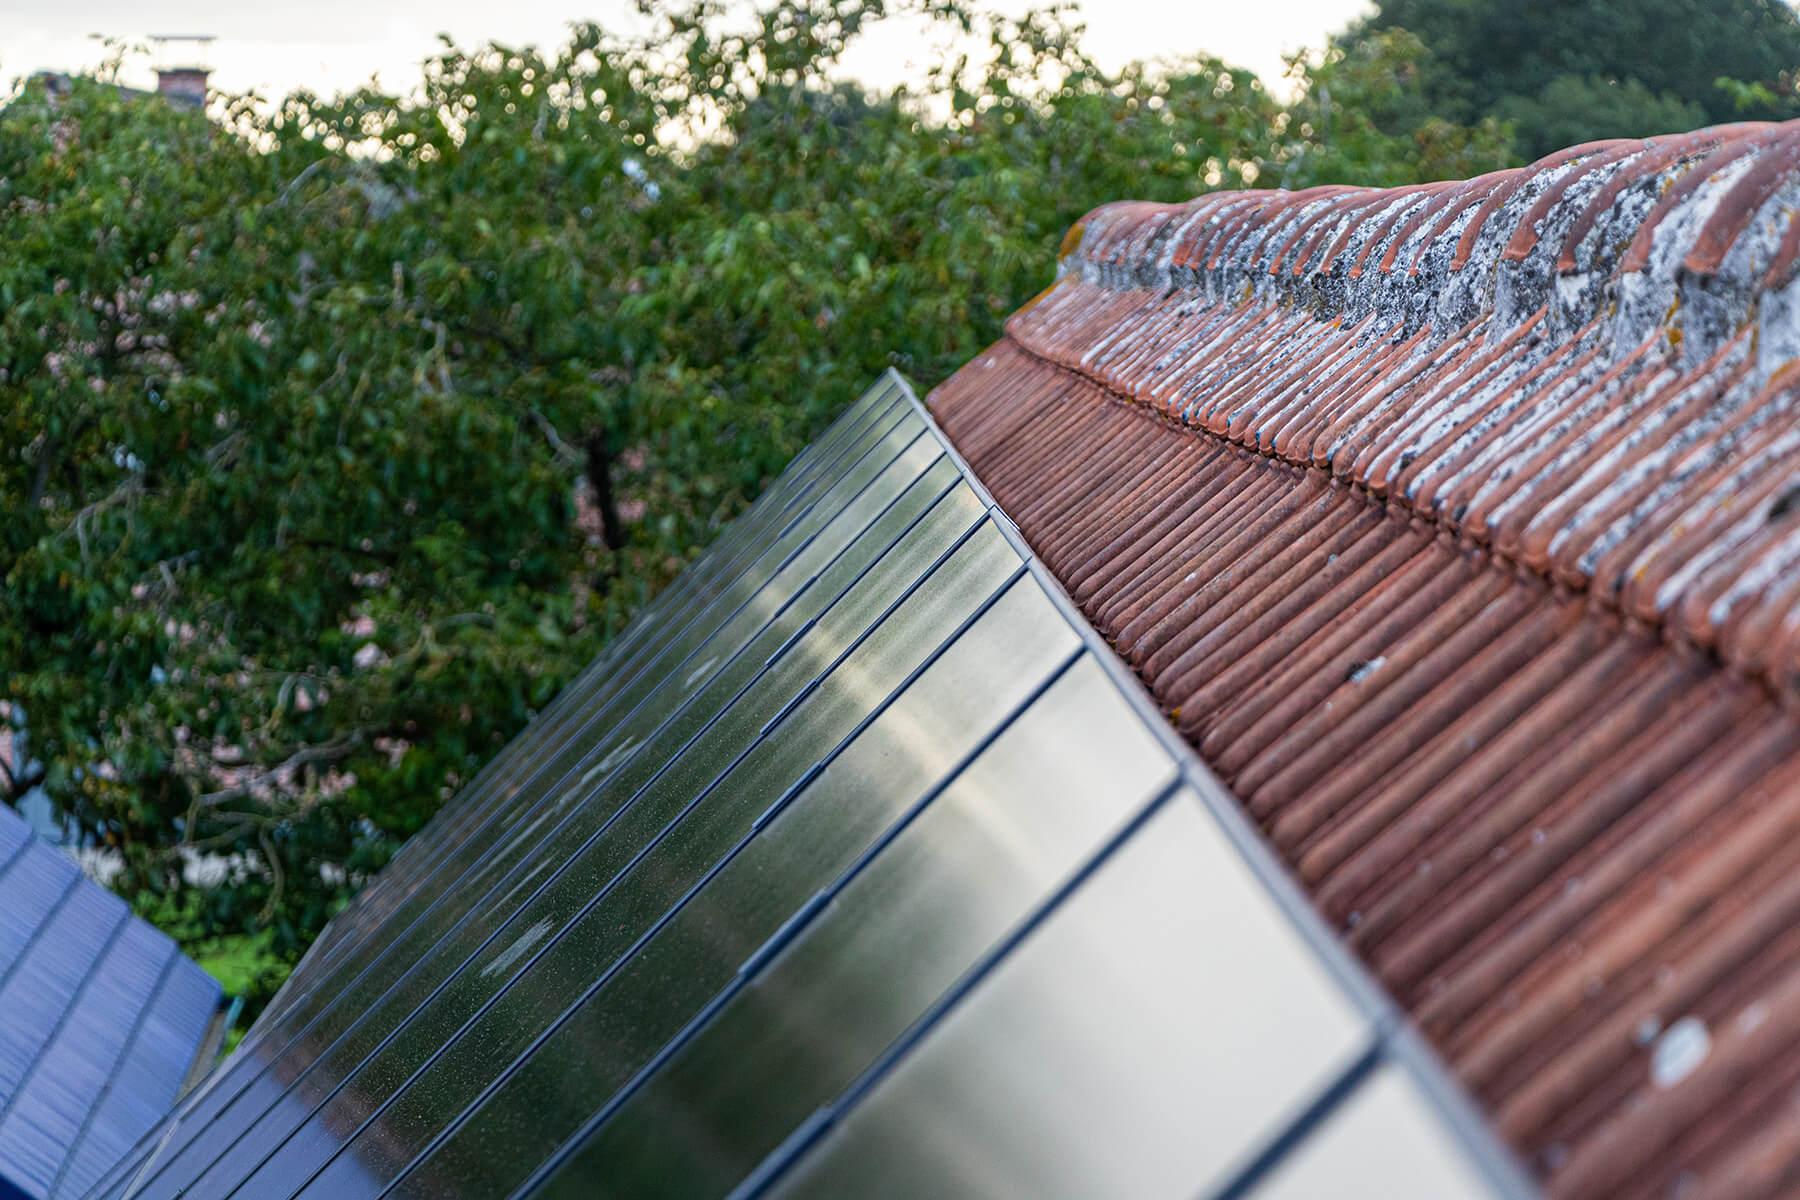 Zonnepanelen perfect afgelijnd op een dak.